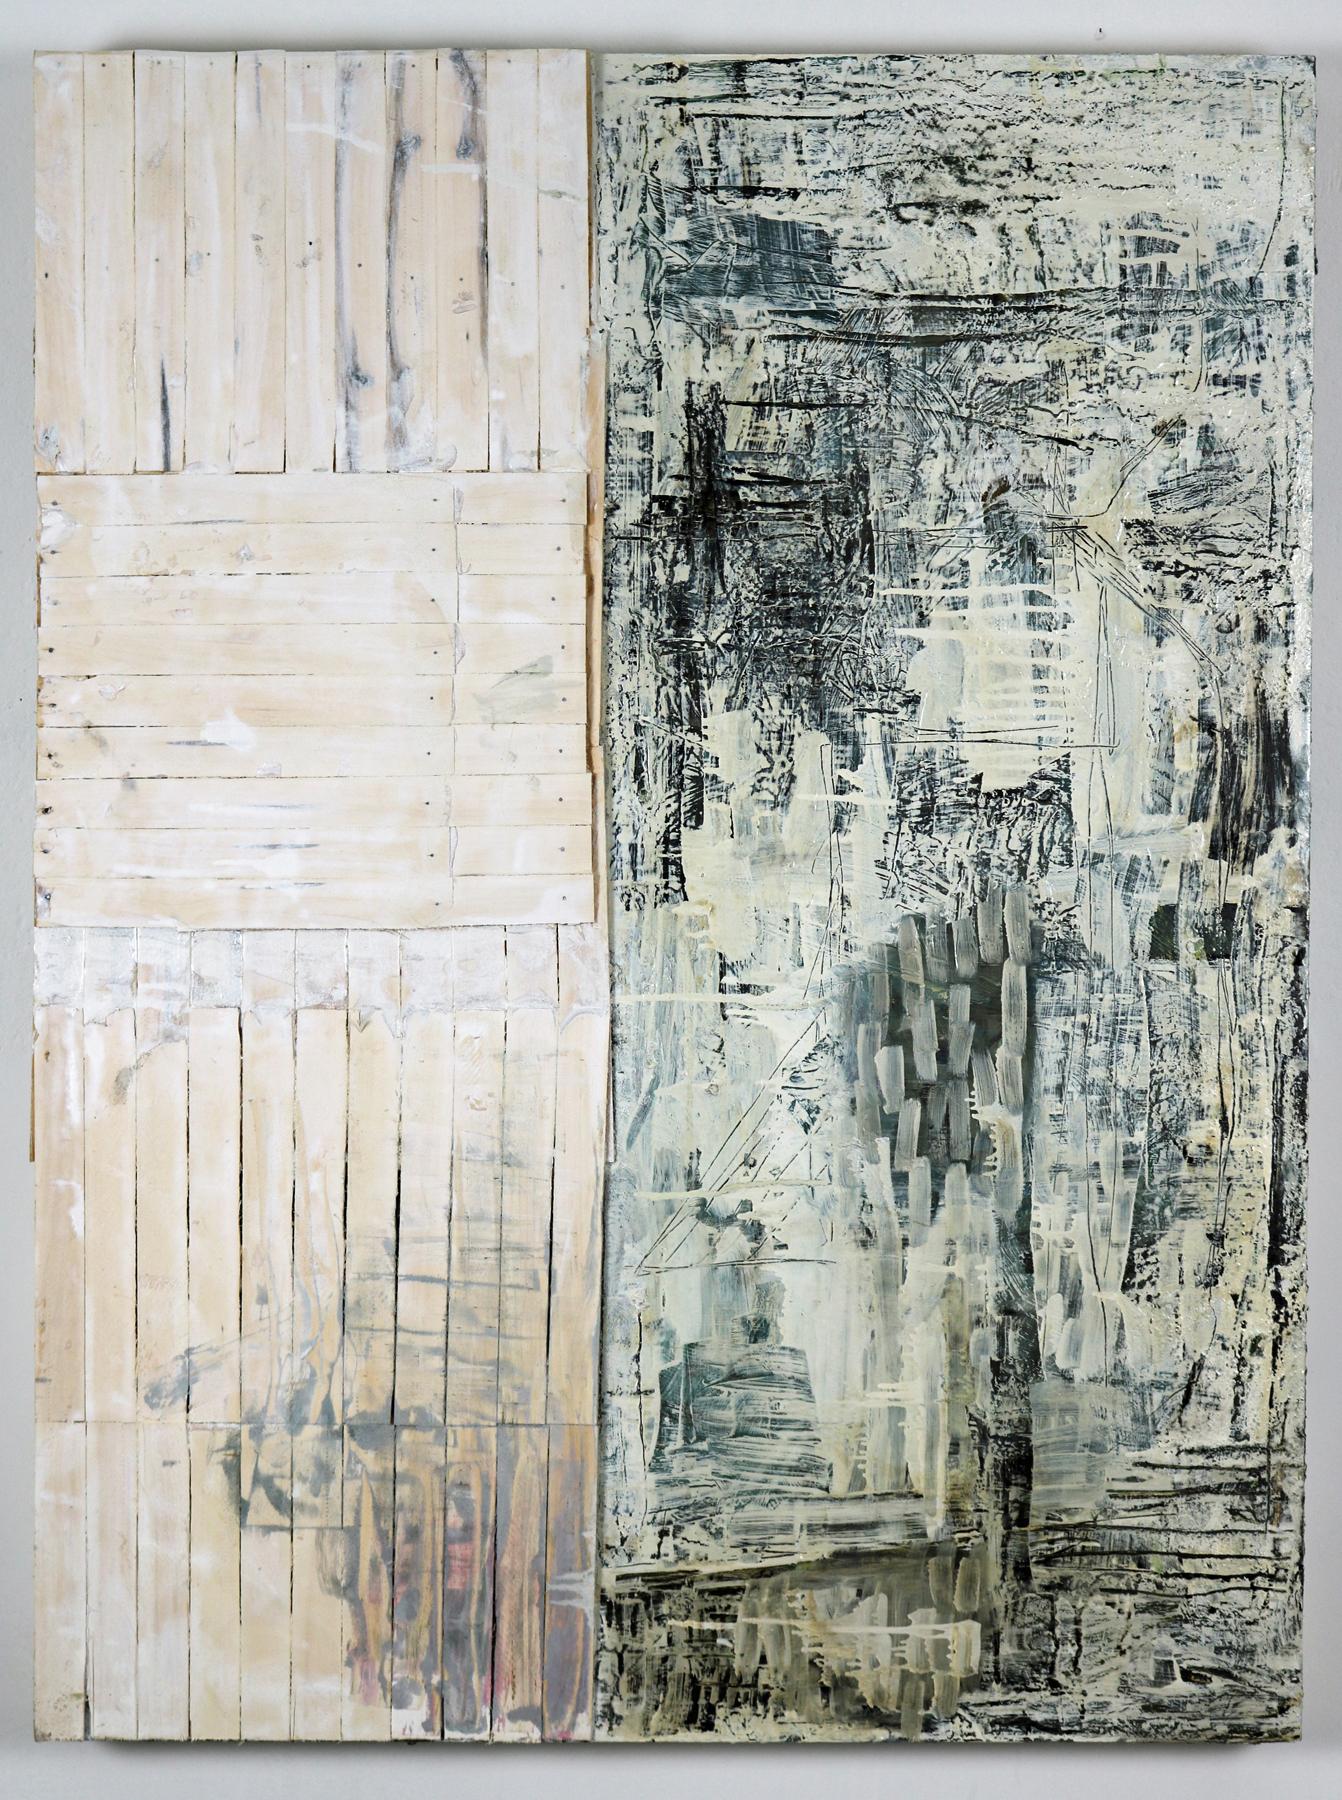 Leslie Zelamsky,  Dwelling III , Mixed media, 48x36